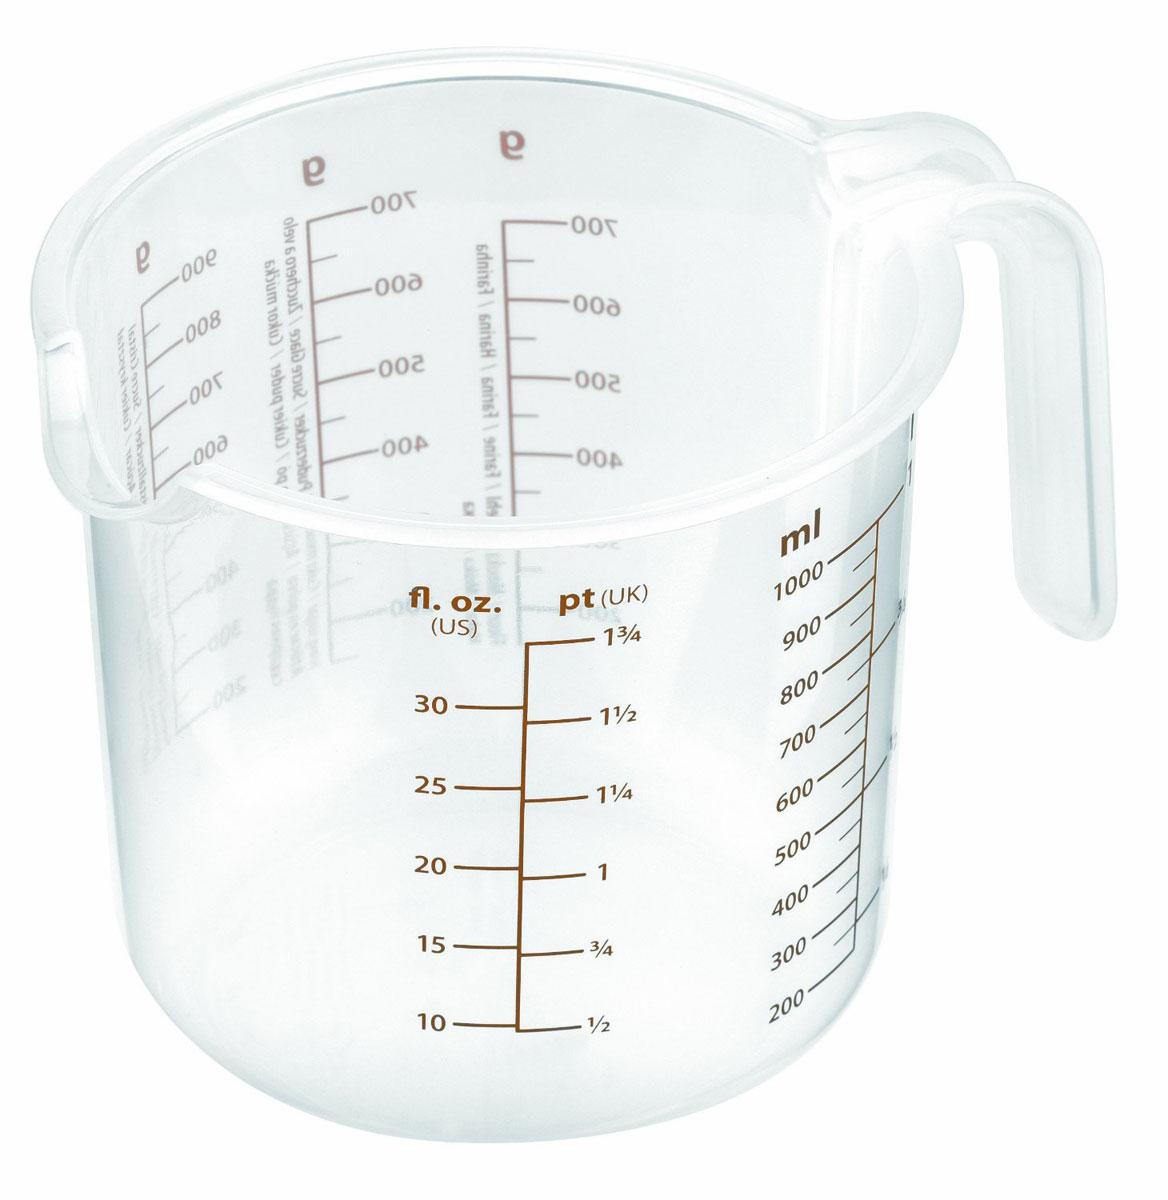 Емкость мерная Tescoma Delicia, 1 л54 009312Мерная емкость Tescoma Delicia выполнена из прозрачного пластика и оснащена удобной ручкой и носиком для слива жидкости. На стенке кружки имеются отдельные мерные шкалы.Такая емкость пригодится на каждой кухне, ведь зачастую приготовление некоторых блюд требует известной точности. Диаметр емкости (по верхнему краю): 12 см. Высота емкости: 12 см.